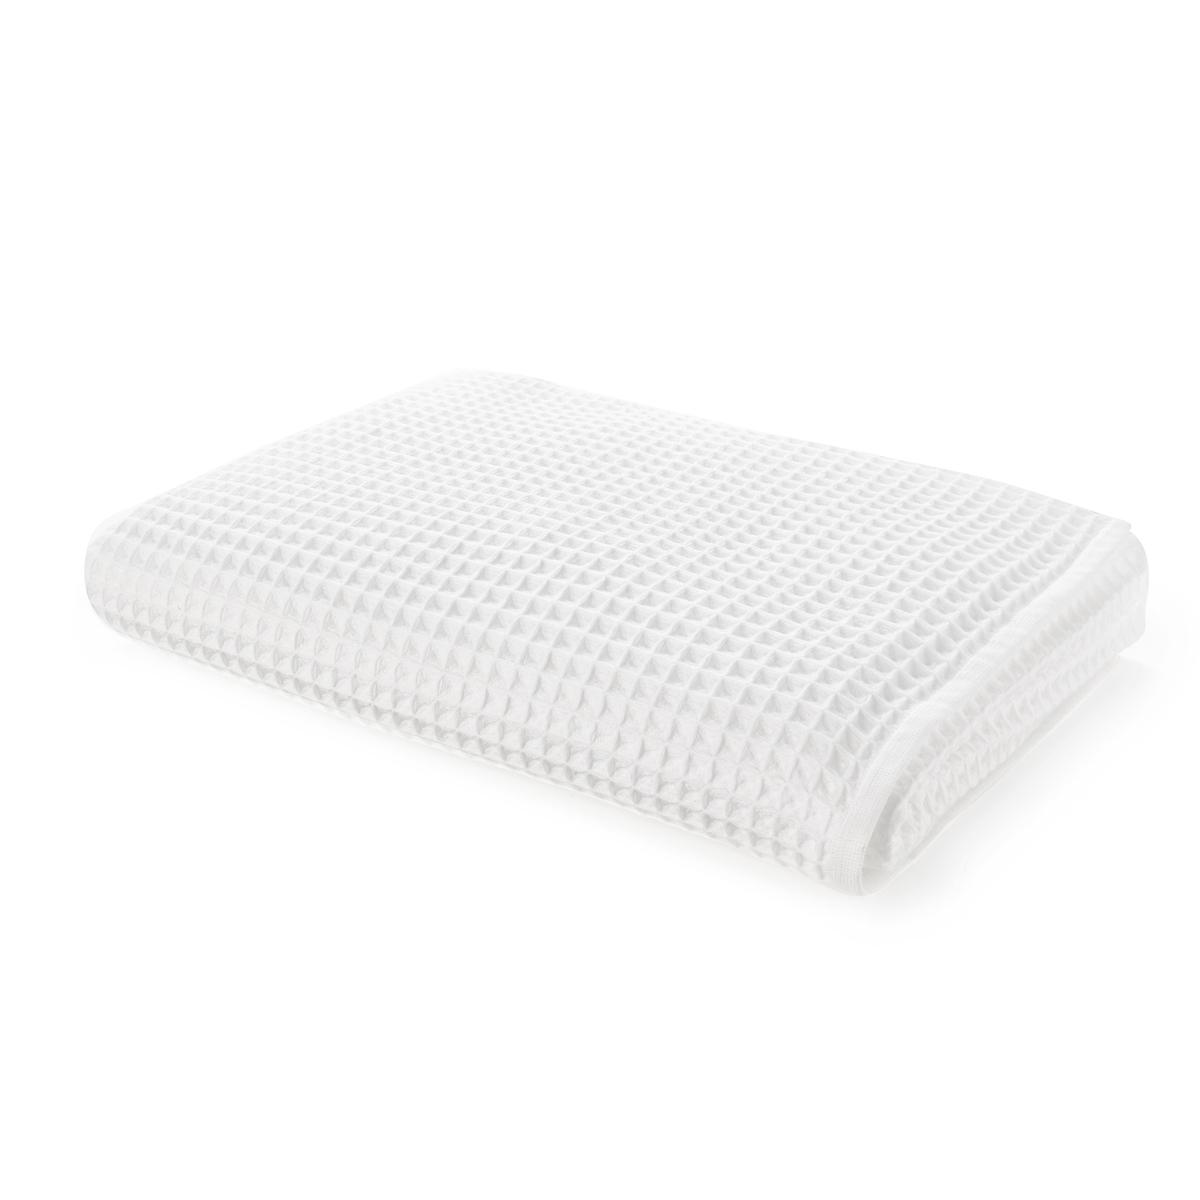 Полотенце для рук из вафельной ткани SC?NARIOОписание:Плотное переплетение нитей для 3D-эффекта, необычайно мягкое и приятное на ощупь полотенце из вафельной ткани очень актуальных расцветок. Сделано в Португалии.Характеристики полотенца из вафельной ткани Sc?nario :Вафельная ткань : 100% хлопок, 300 г/м2 : мягкая и легкая, высокая впитывающая способность, быстрая сушка.Машинная стирка при 60°, машинная сушка разрешена.Размеры полотенца из вафельной ткани Sc?nario : 50 x 100 смОткройте для себя всю коллекцию из вафельной ткани Sc?nario на сайте laredoute.ruЗнак Oeko-Tex® гарантирует, что товары прошли проверку и были изготовлены без применения вредных для здоровья человека веществ.<br><br>Цвет: белый,желтый кукурузный,кирпичный<br>Размер: 50 x 100 см.50 x 100 см.50 x 100 см